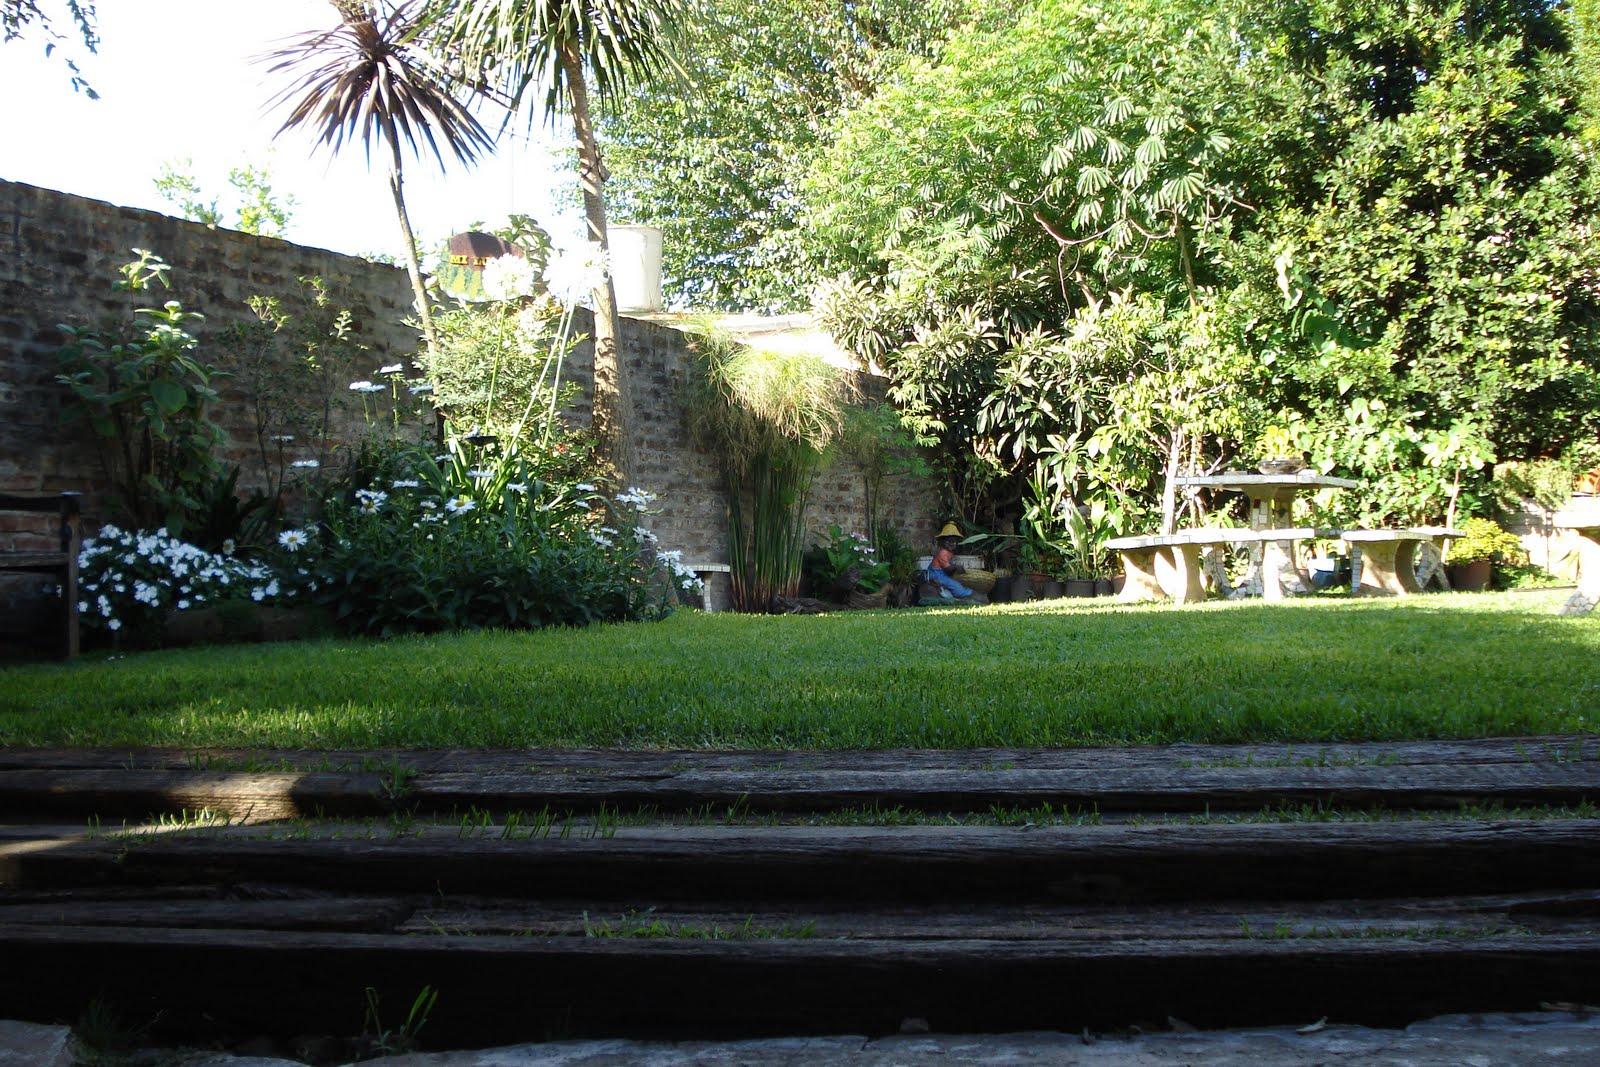 Jardines osvaldo dise os y servicios de parques y jardines for Adornos para parques y jardines